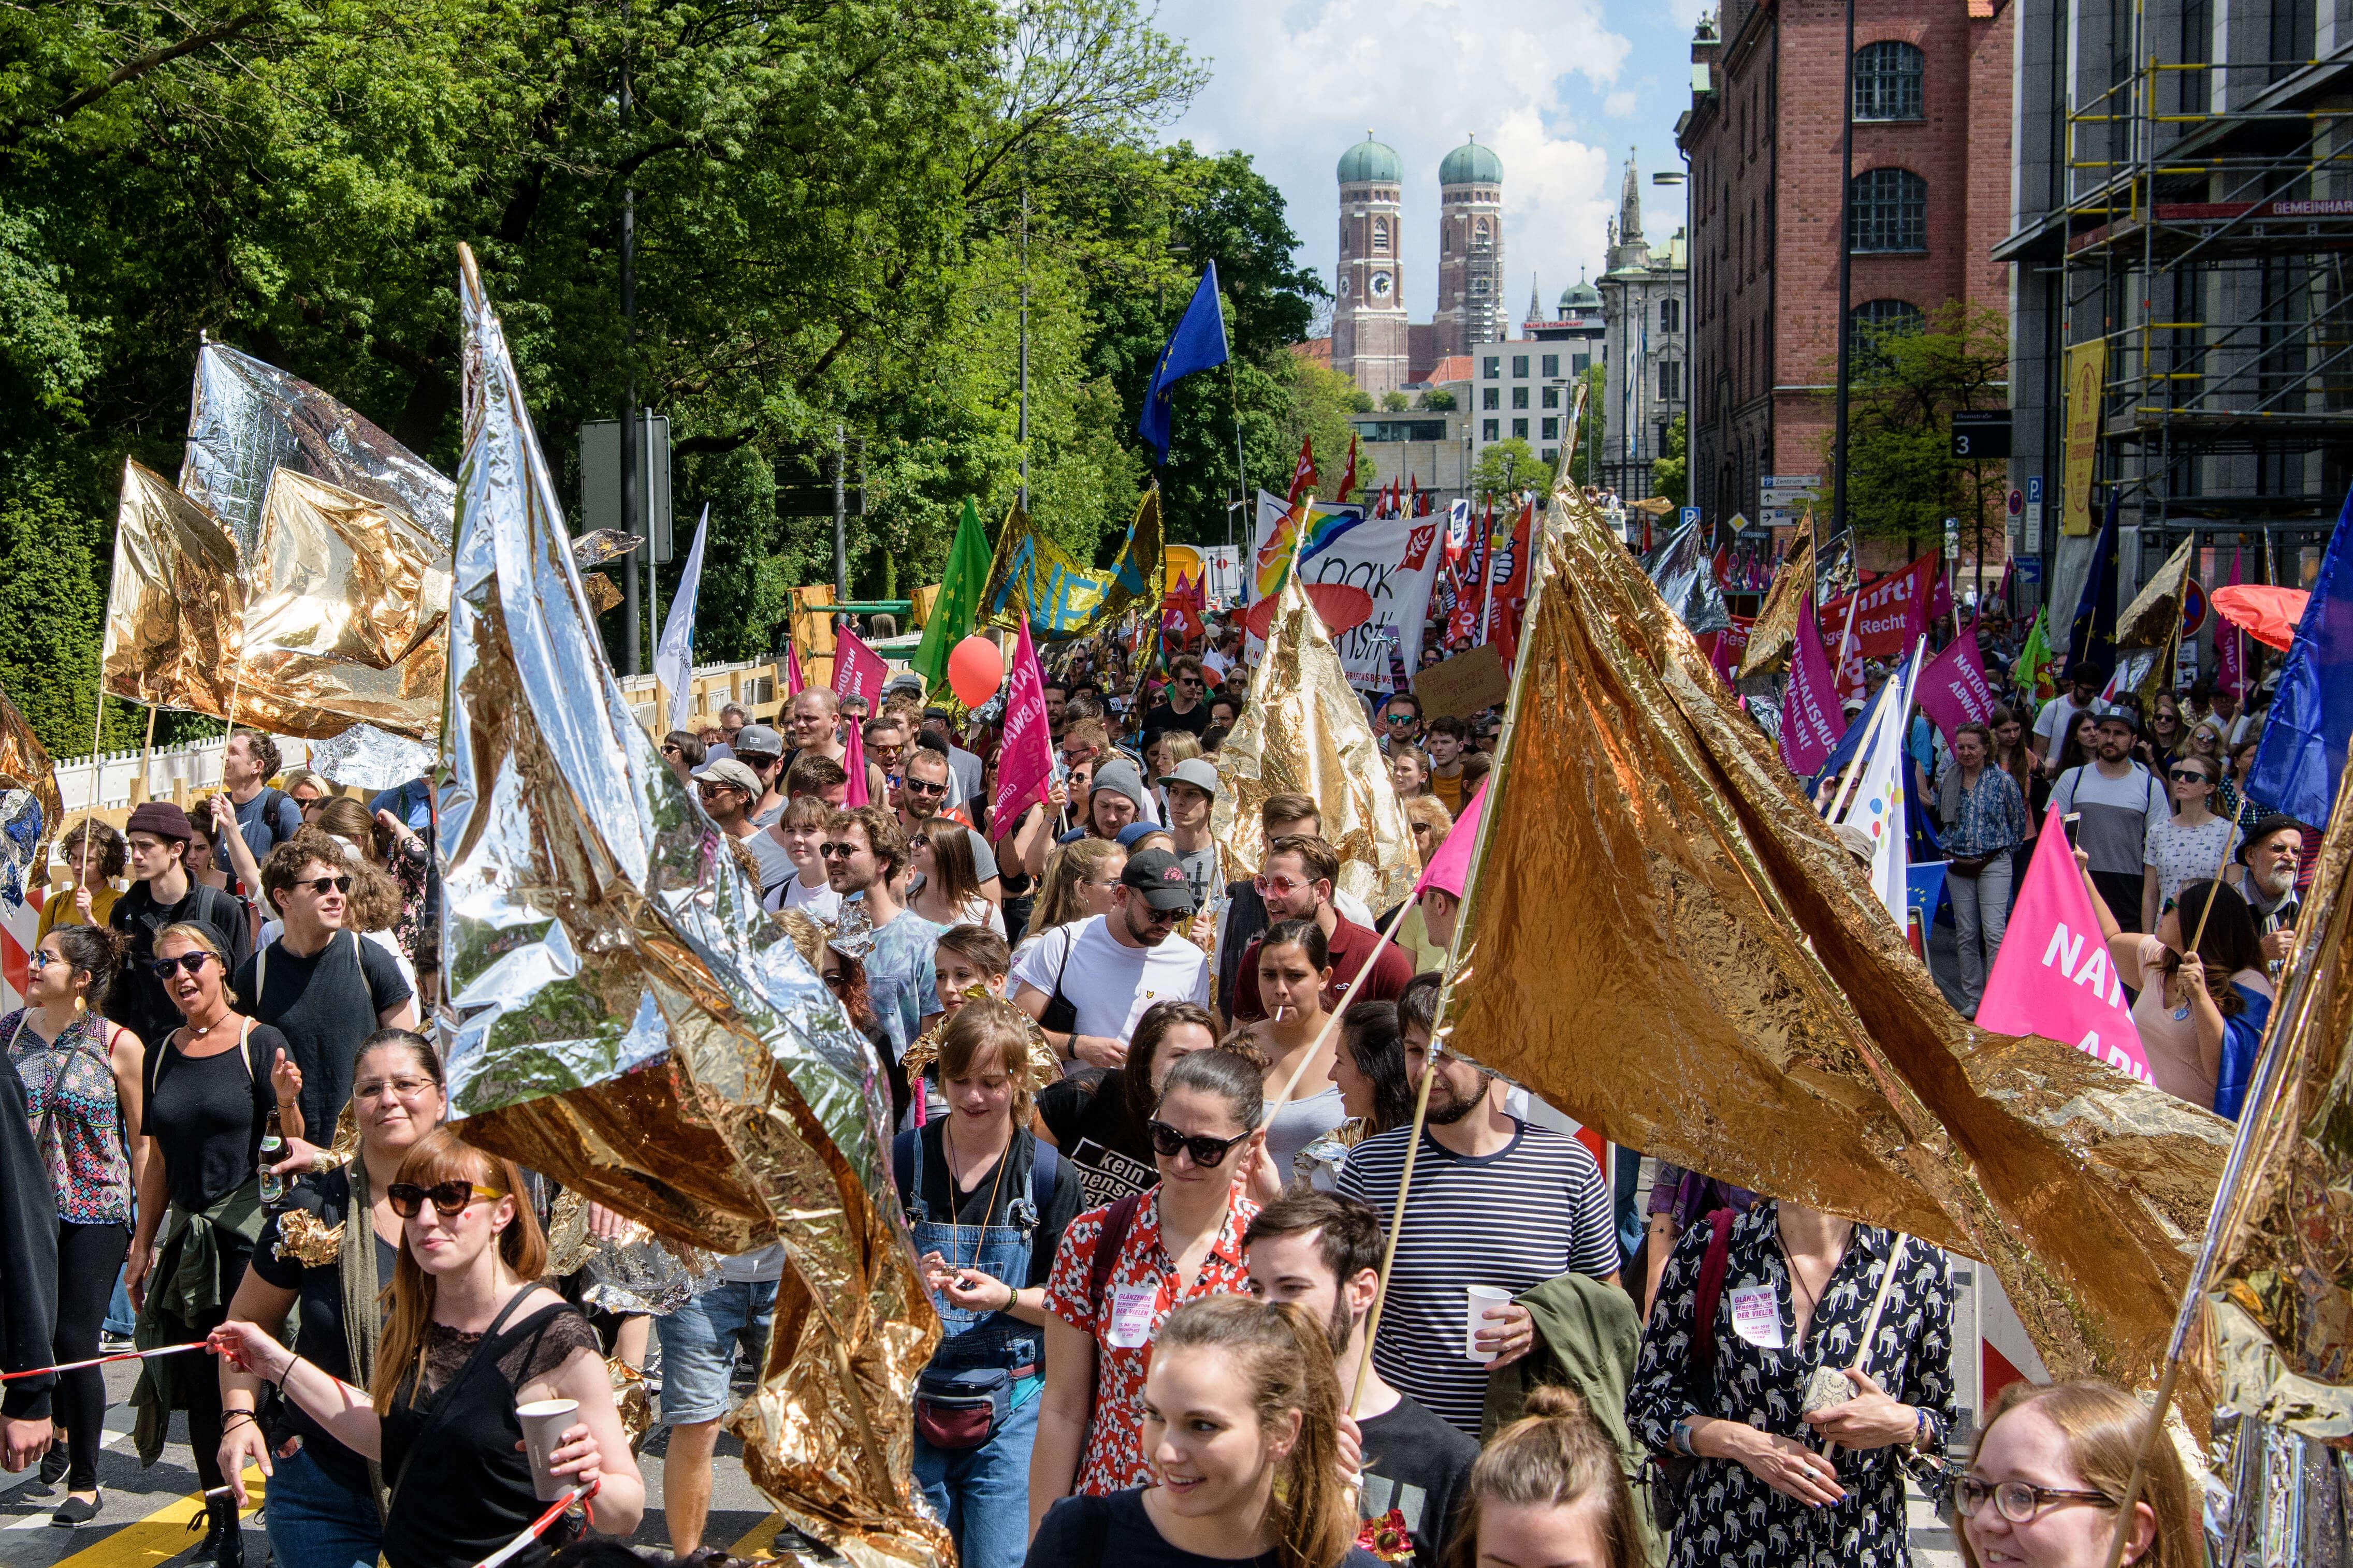 Demo-Teilnehmer_innen ziehen durch die Straßen in München. Im Hintergrund ist die Frauenkirche zu sehen. Im Vordergrund schwingen junge Menschen goldene Flaggen aus Rettungsdecken.